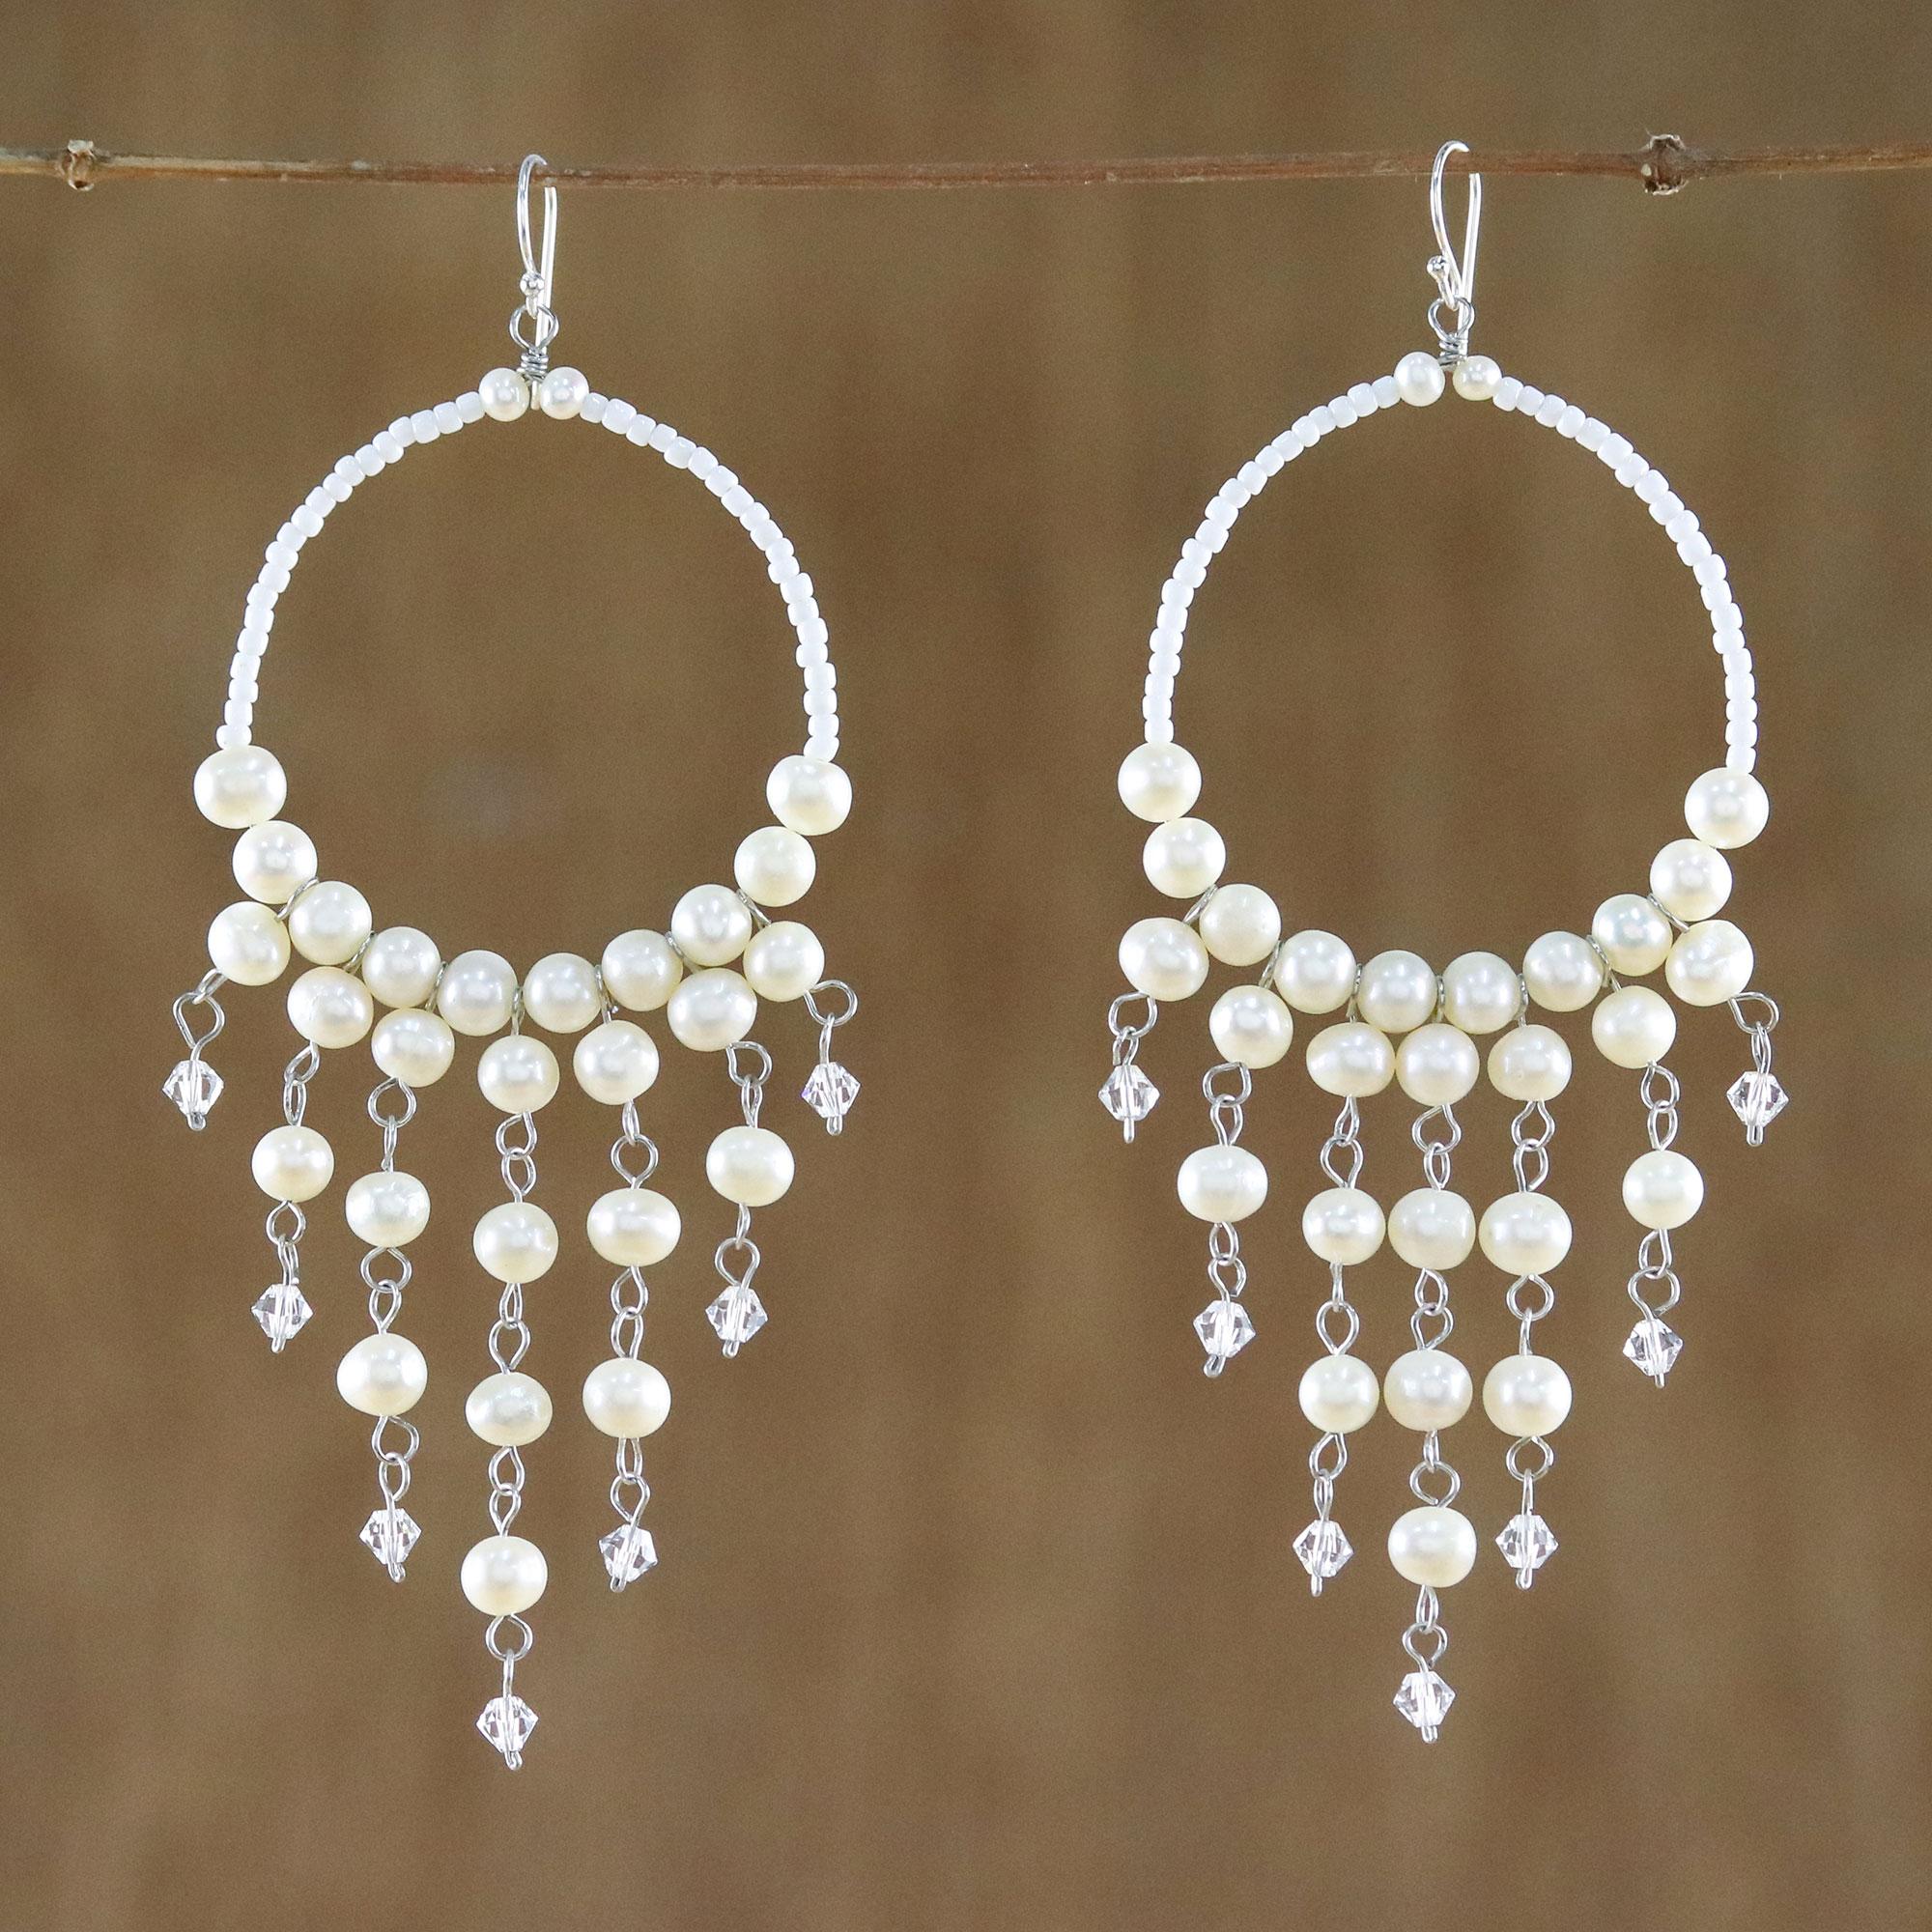 Handmade Pearl Chandelier Earrings Harmony Of White Novica